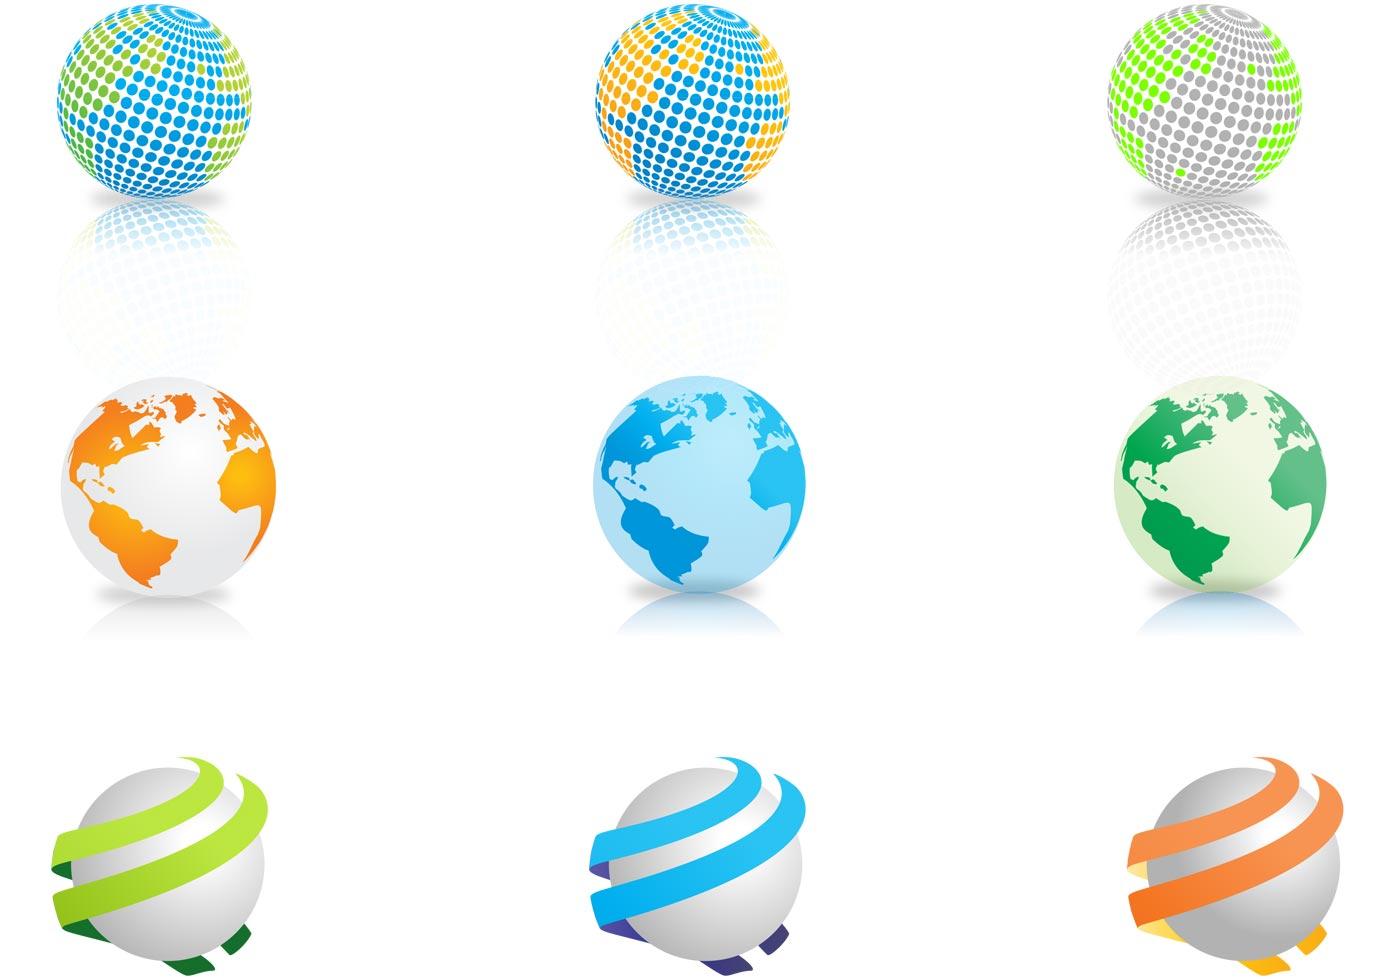 sphere vectors download free vector art  stock graphics vector spherical coordinates vector spherical harmonics c++